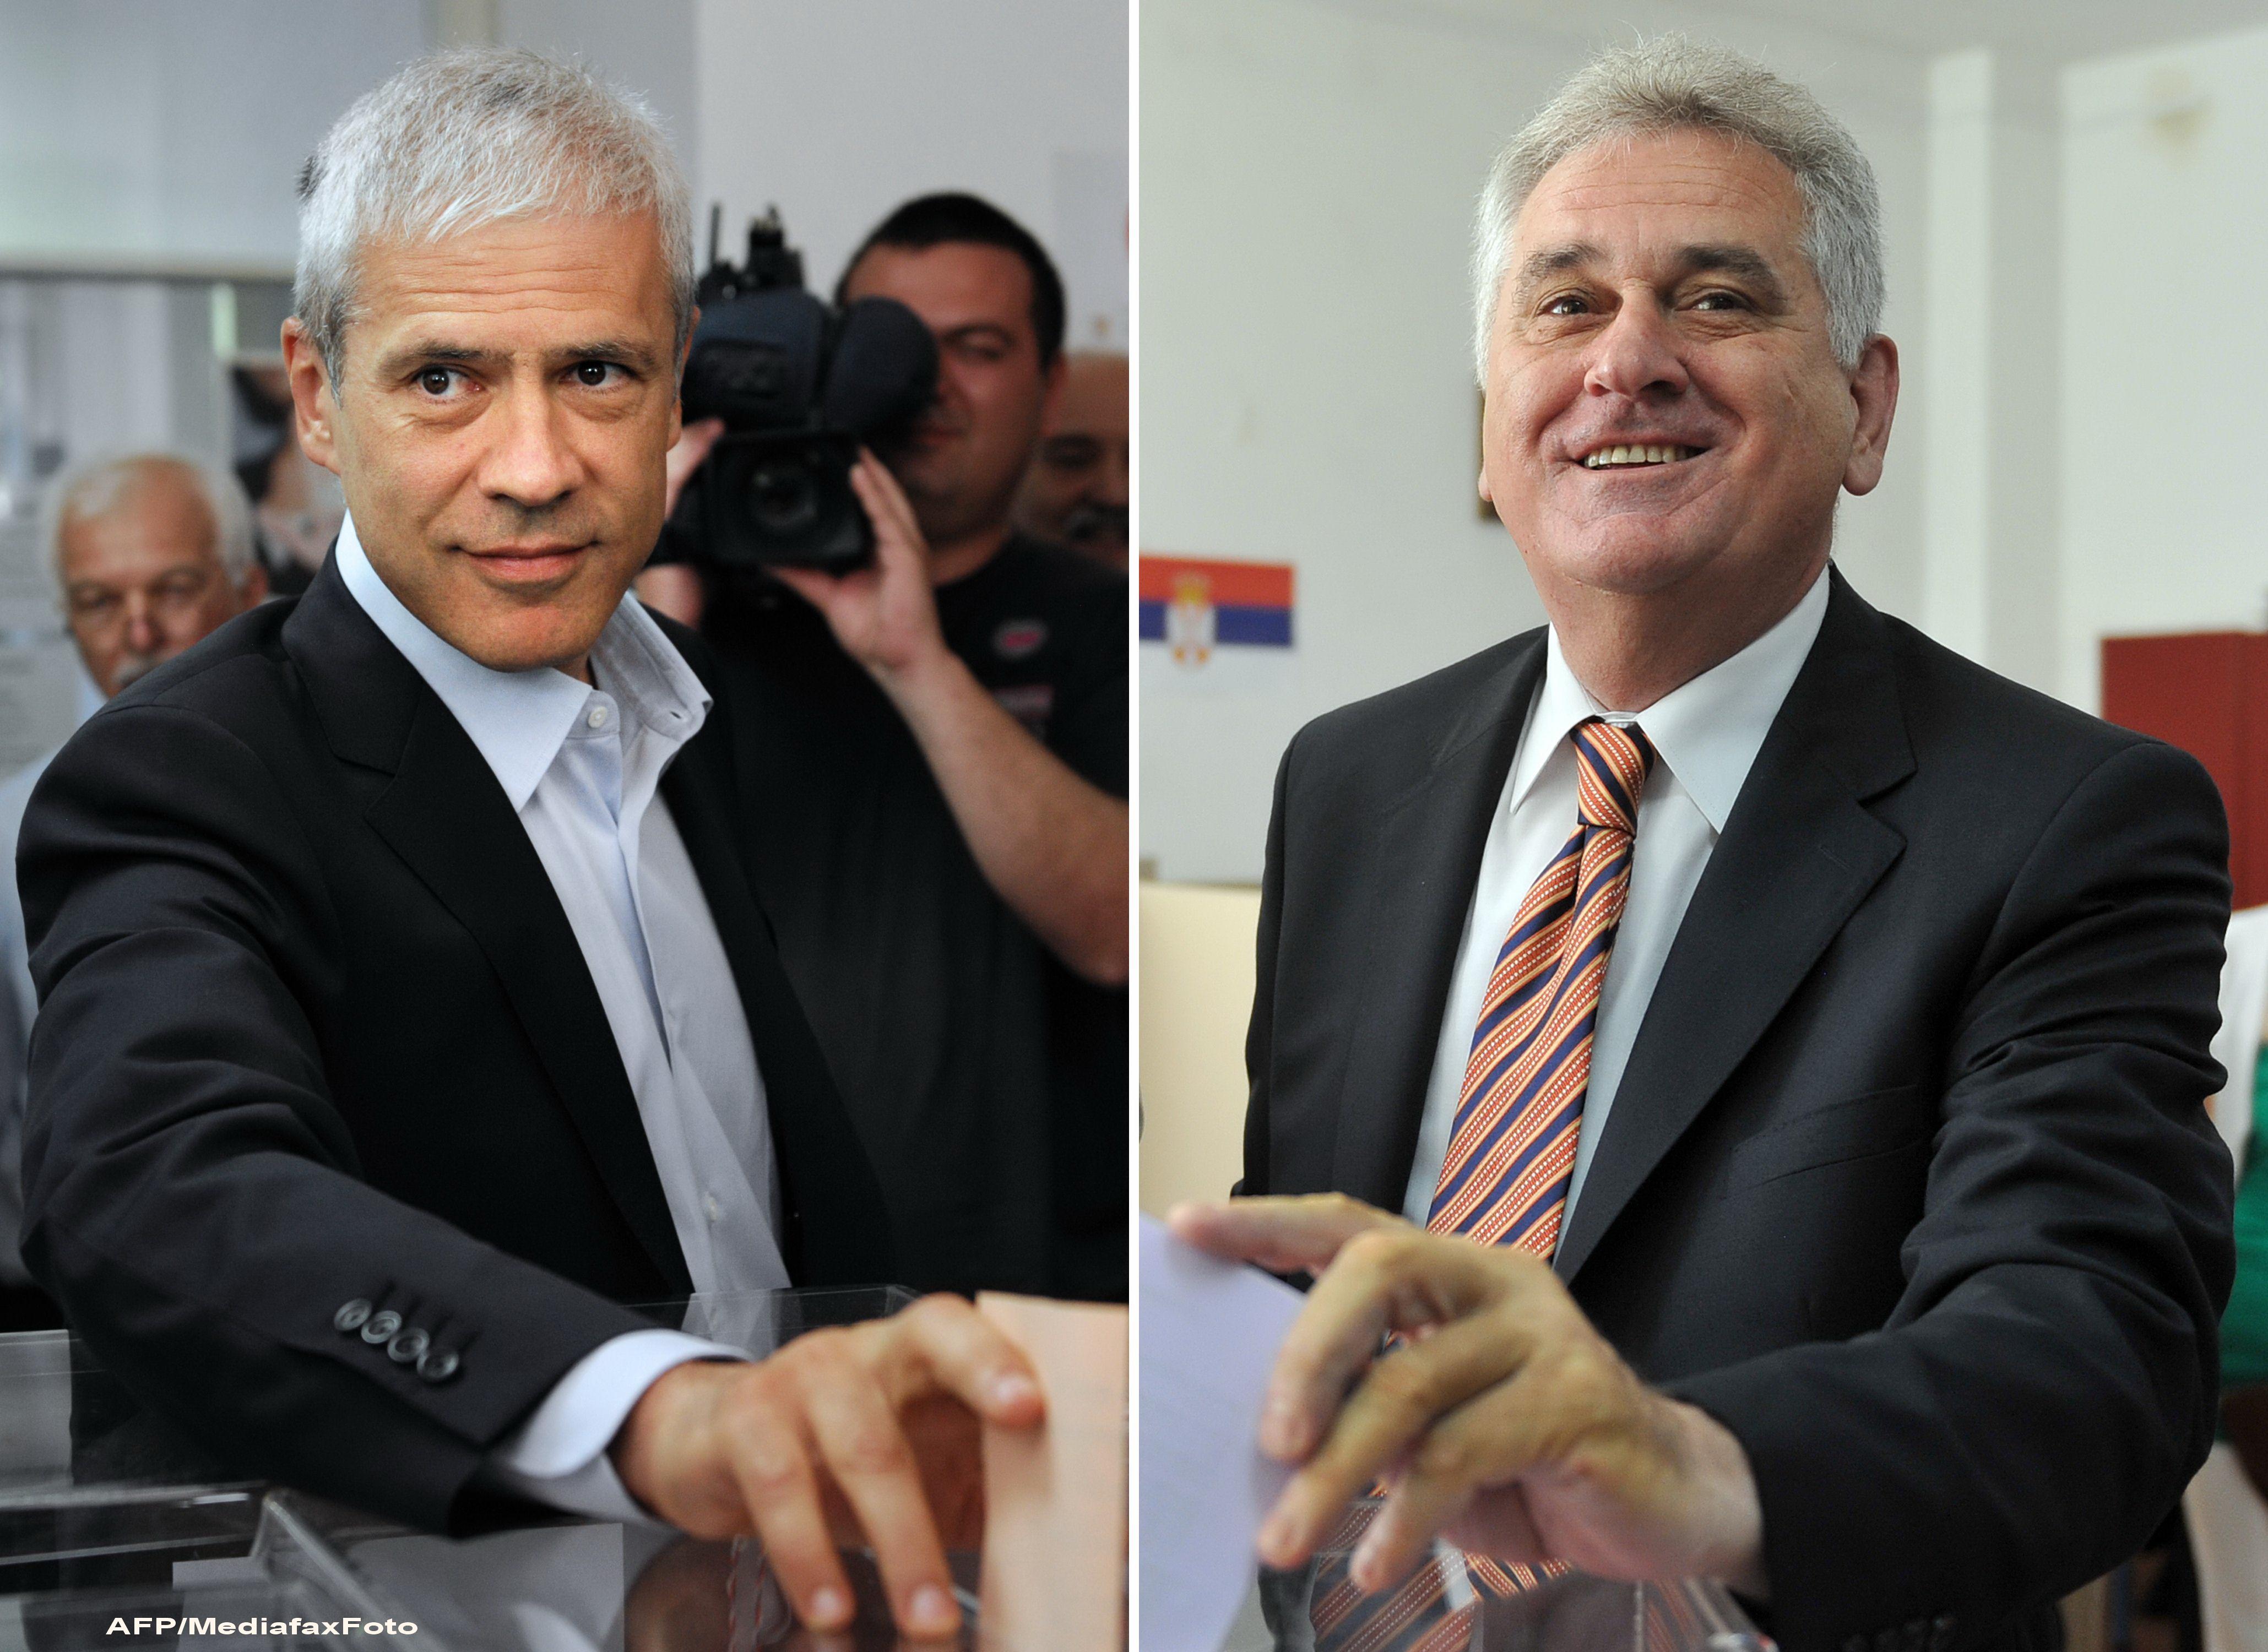 Alegeri in Serbia. Boris Tadic si Tomislav Nikolic se vor confrunta in turul doi la prezidentiale